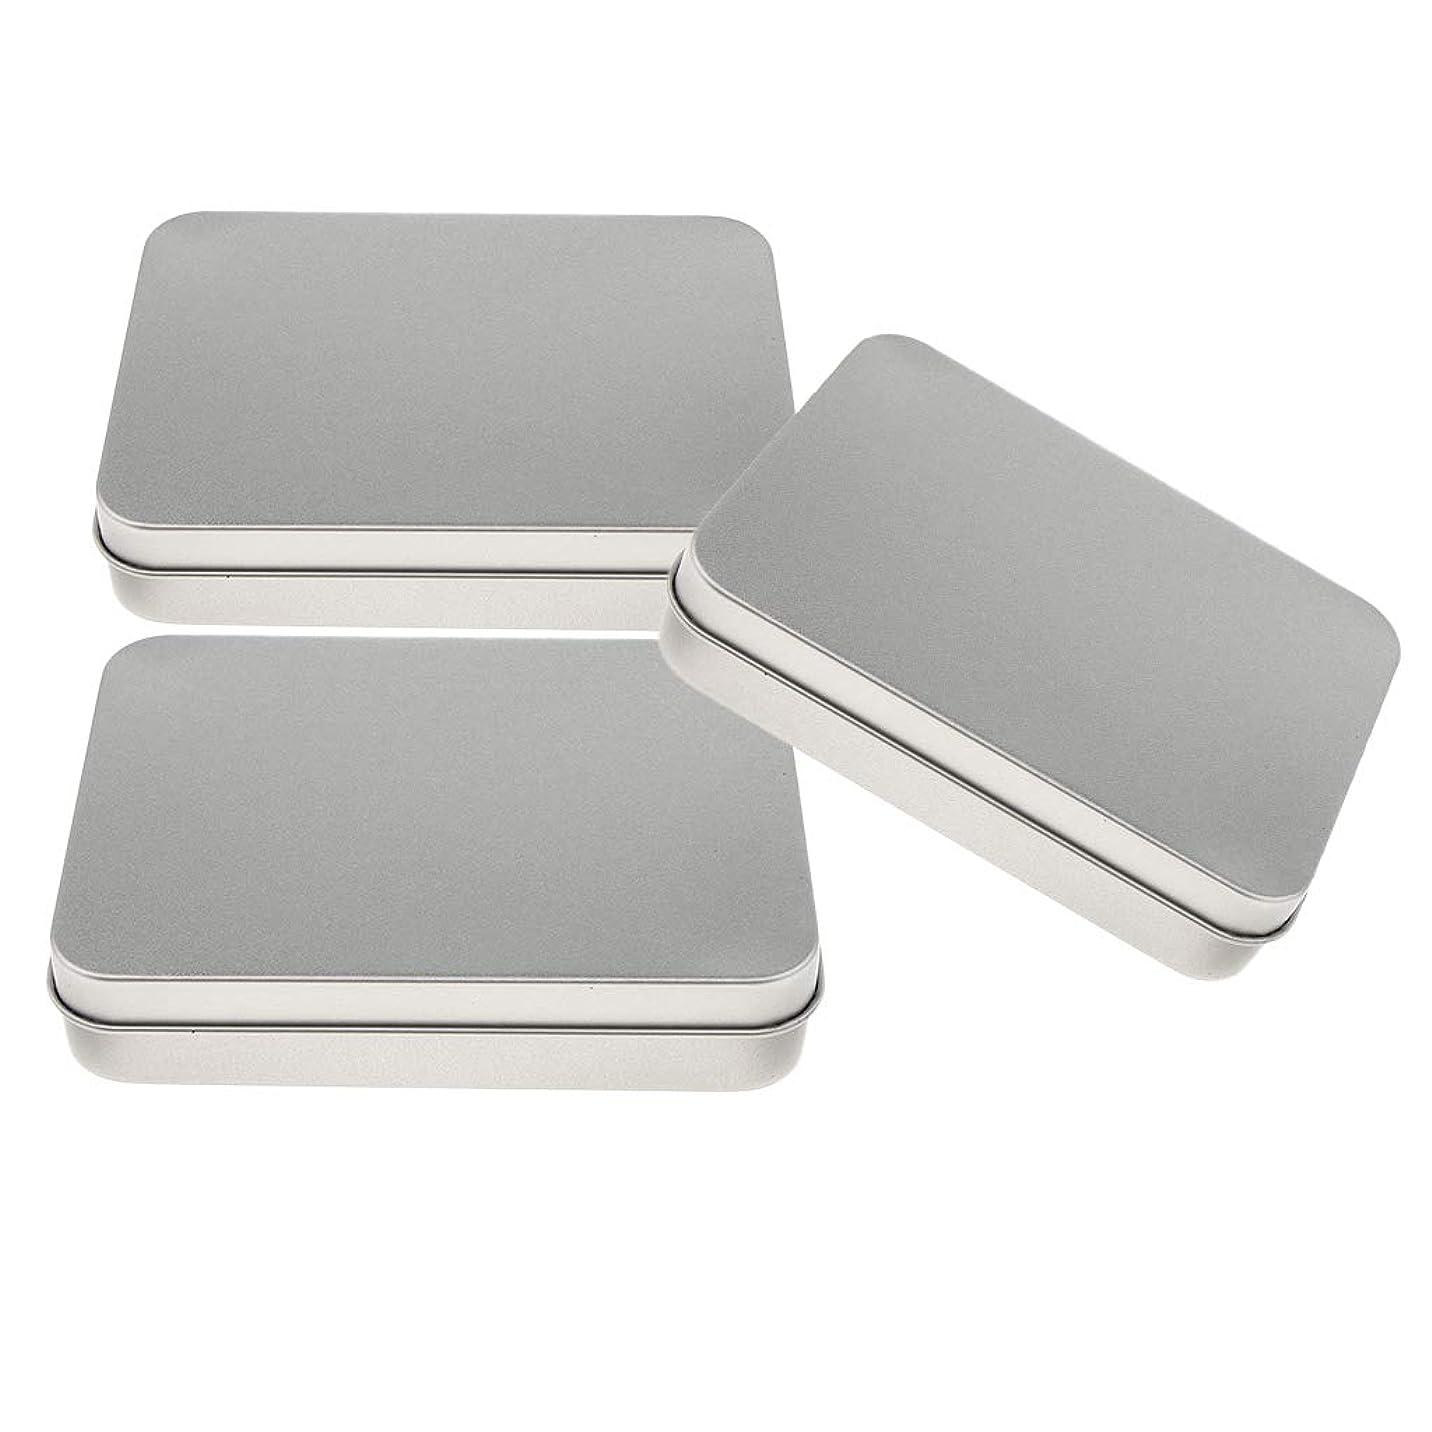 注目すべき腐敗したアシスタントIPOTCH 長方形 空 ヒンジ付き ケース 収納ボックス 実用的 全4種選べる - B